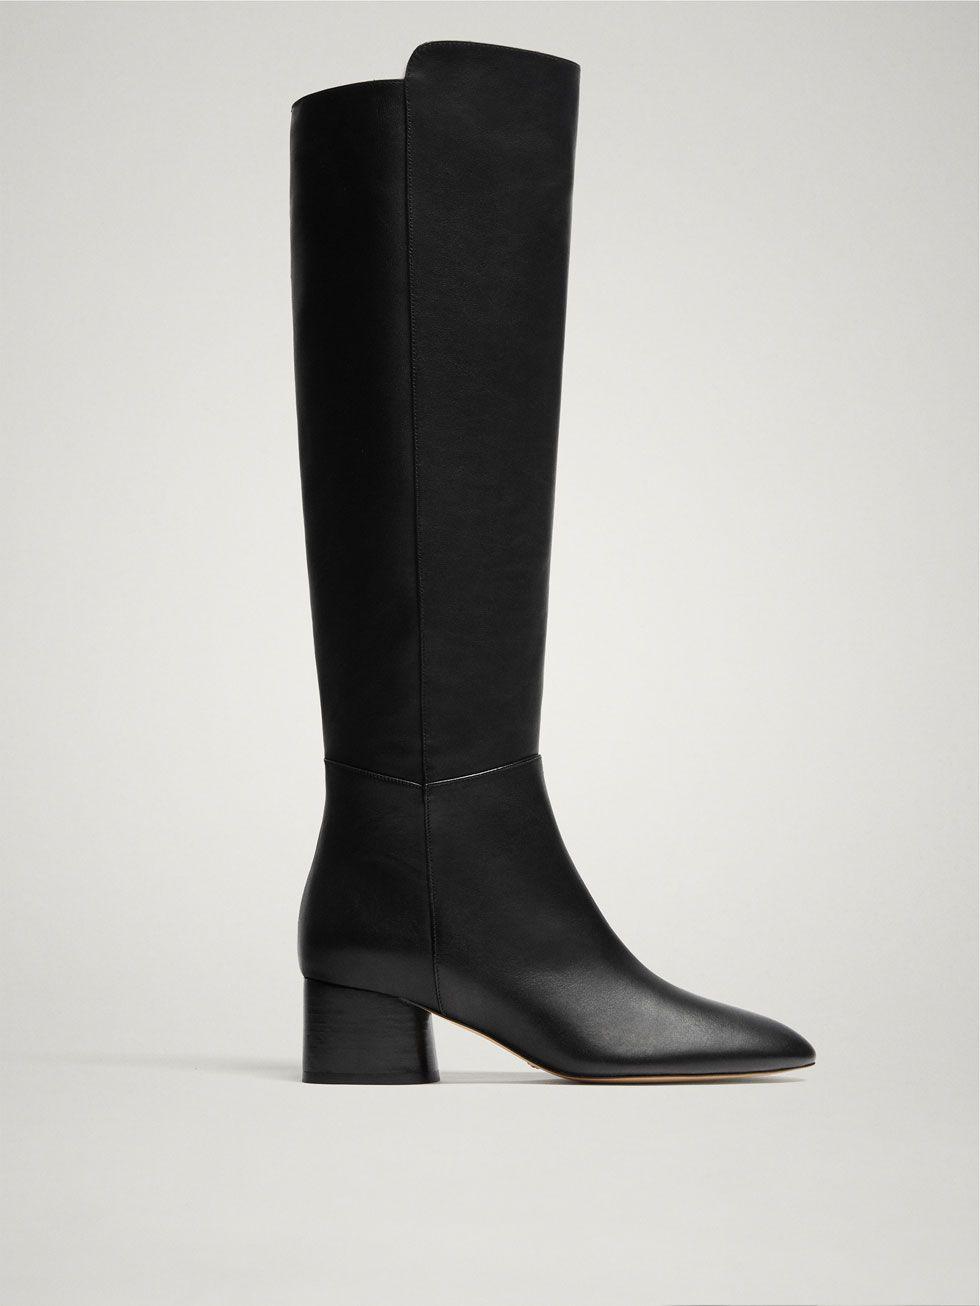 b6bd0749f725b BLACK NAPPA LEATHER BOOTS - Women - Massimo Dutti